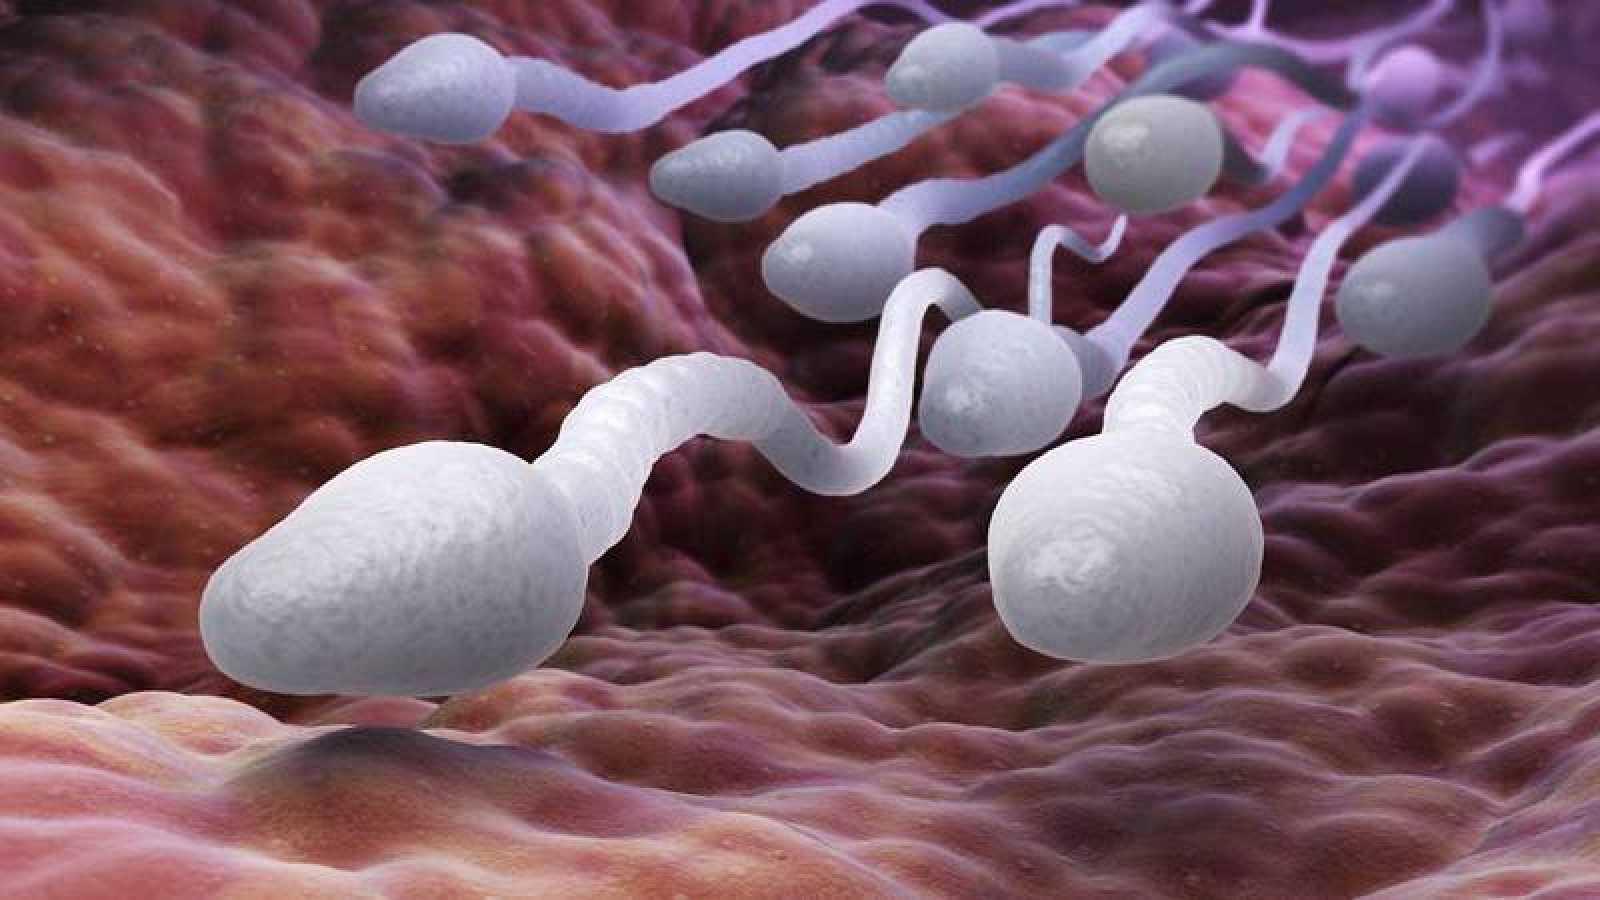 La infertilidad es un problema que afecta al 15% de las parejas en edad reproductiva.